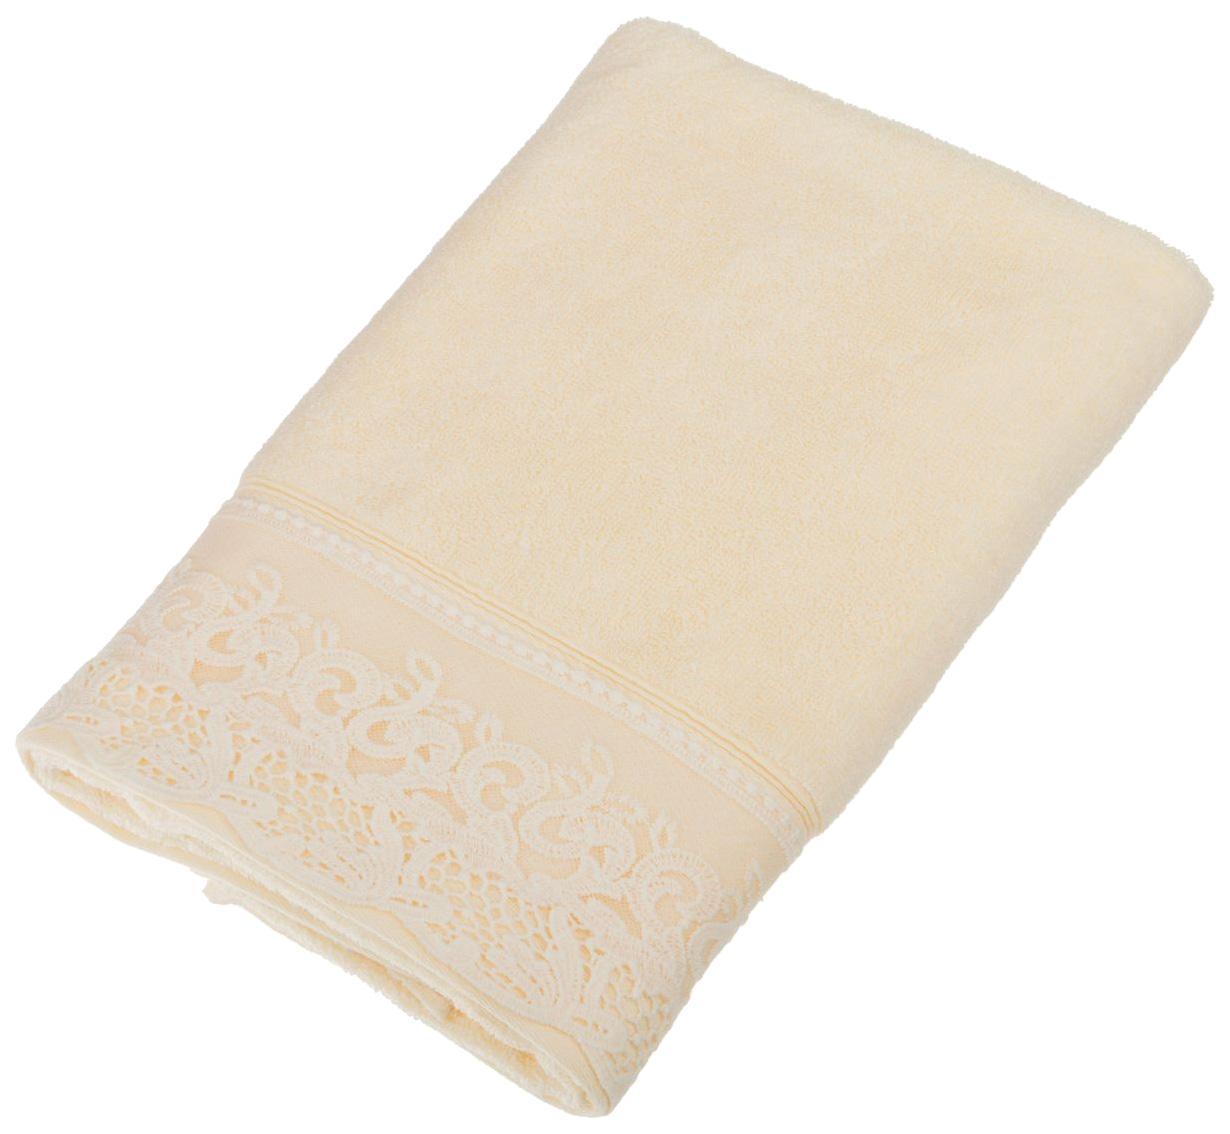 Банное полотенце, полотенце универсальное Santalino бежевый